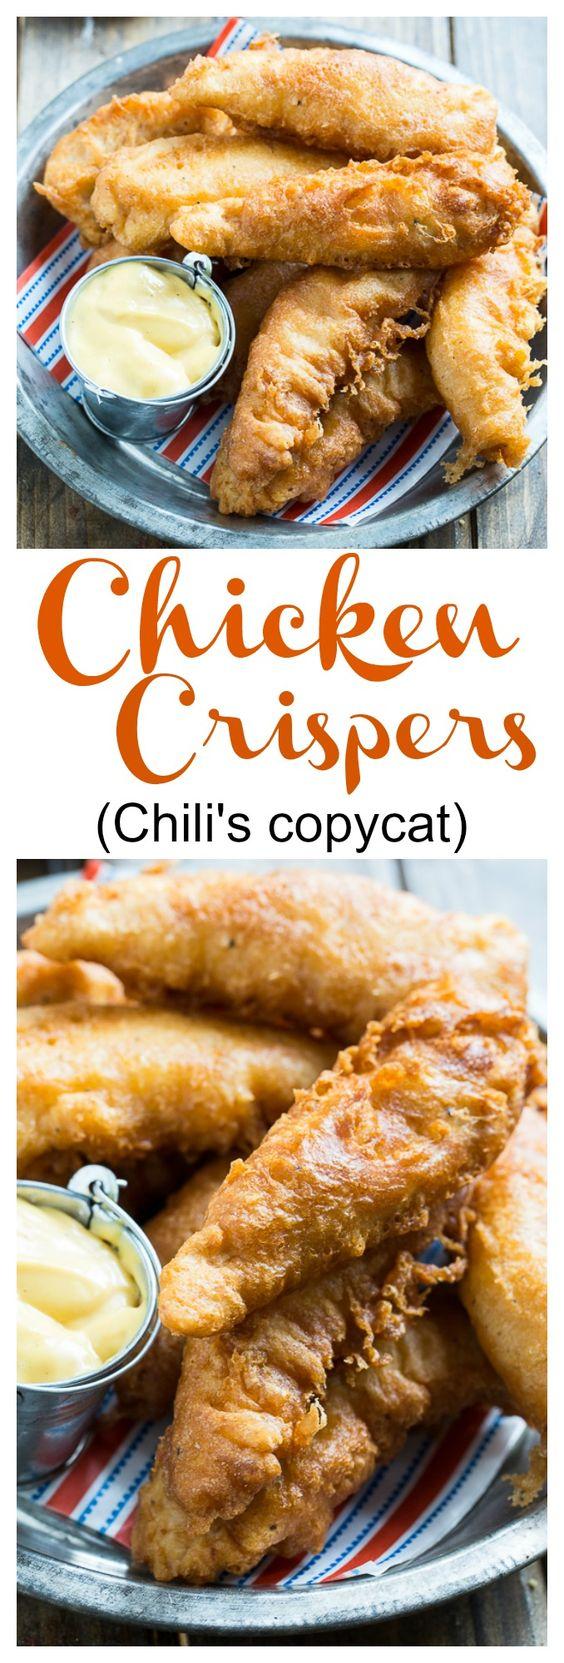 Gavetas de pollo (imitación de chile)